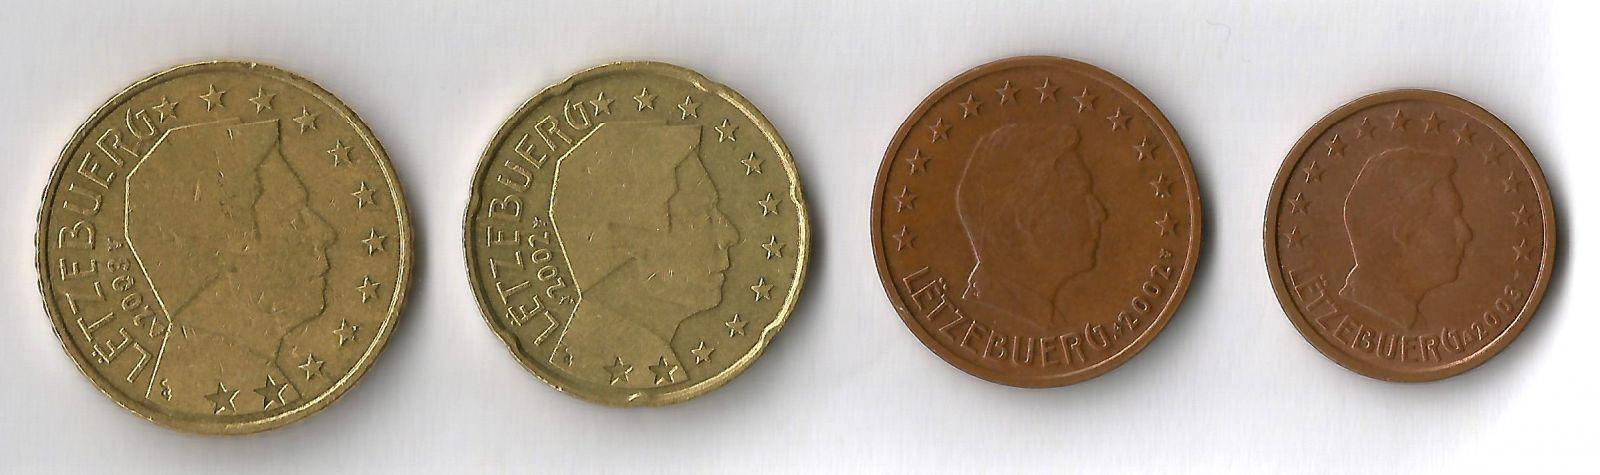 lussemburgo 50,20,5,2 cent